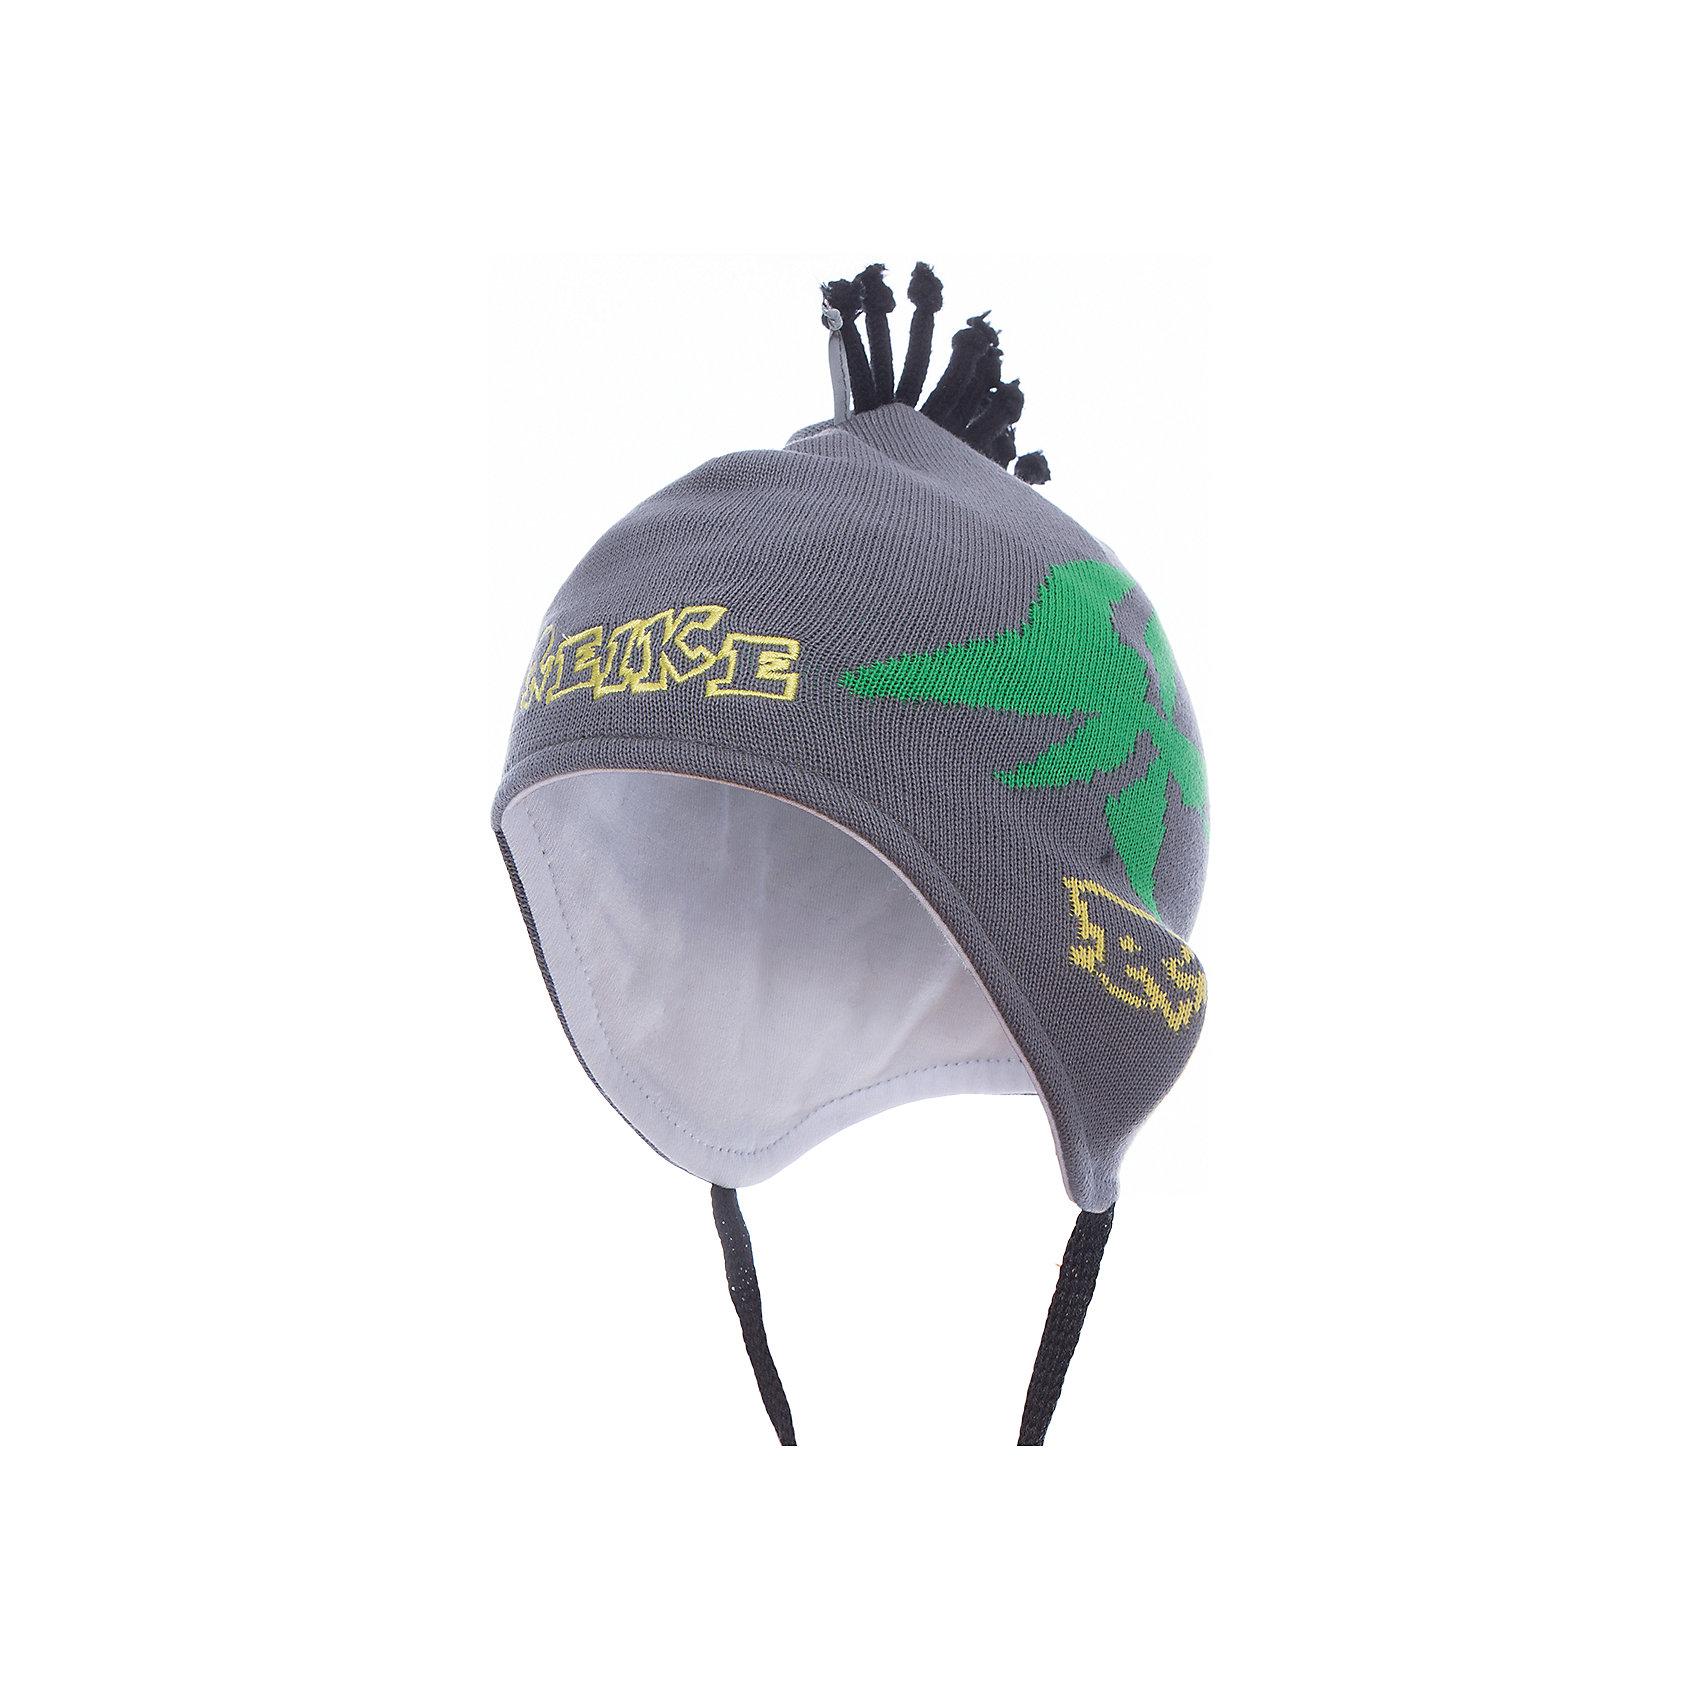 Шапка Reike для мальчикаШапки и шарфы<br>Характеристики товара:<br><br>• цвет: серый<br>• состав: 100% хлопок<br>• подкладка: 100% хлопок<br>• температурный режим: от +5° С до +15° С<br>• завязки во всех размерах<br>• декорирована вышивкой и вязаным узором<br>• декоративный ирокез наверху<br>• мягкий материал<br>• страна бренда: Финляндия<br><br>Демисезонная одежда может быть очень красивой и удобной! Новая коллекция от известного финского производителя Reike отличается ярким дизайном, продуманностью и комфортом! Эта модель разработана специально для детей - она учитывает особенности их физиологии, а также новые тенденции в европейской моде. Она отлично сочетается с обувью разных цветов и фасонов. Стильная и удобная вещь!<br><br>Шапку для мальчика от популярного бренда Reike можно купить в нашем интернет-магазине.<br><br>Ширина мм: 89<br>Глубина мм: 117<br>Высота мм: 44<br>Вес г: 155<br>Цвет: серый<br>Возраст от месяцев: 6<br>Возраст до месяцев: 9<br>Пол: Мужской<br>Возраст: Детский<br>Размер: 46,50,48<br>SKU: 5430132